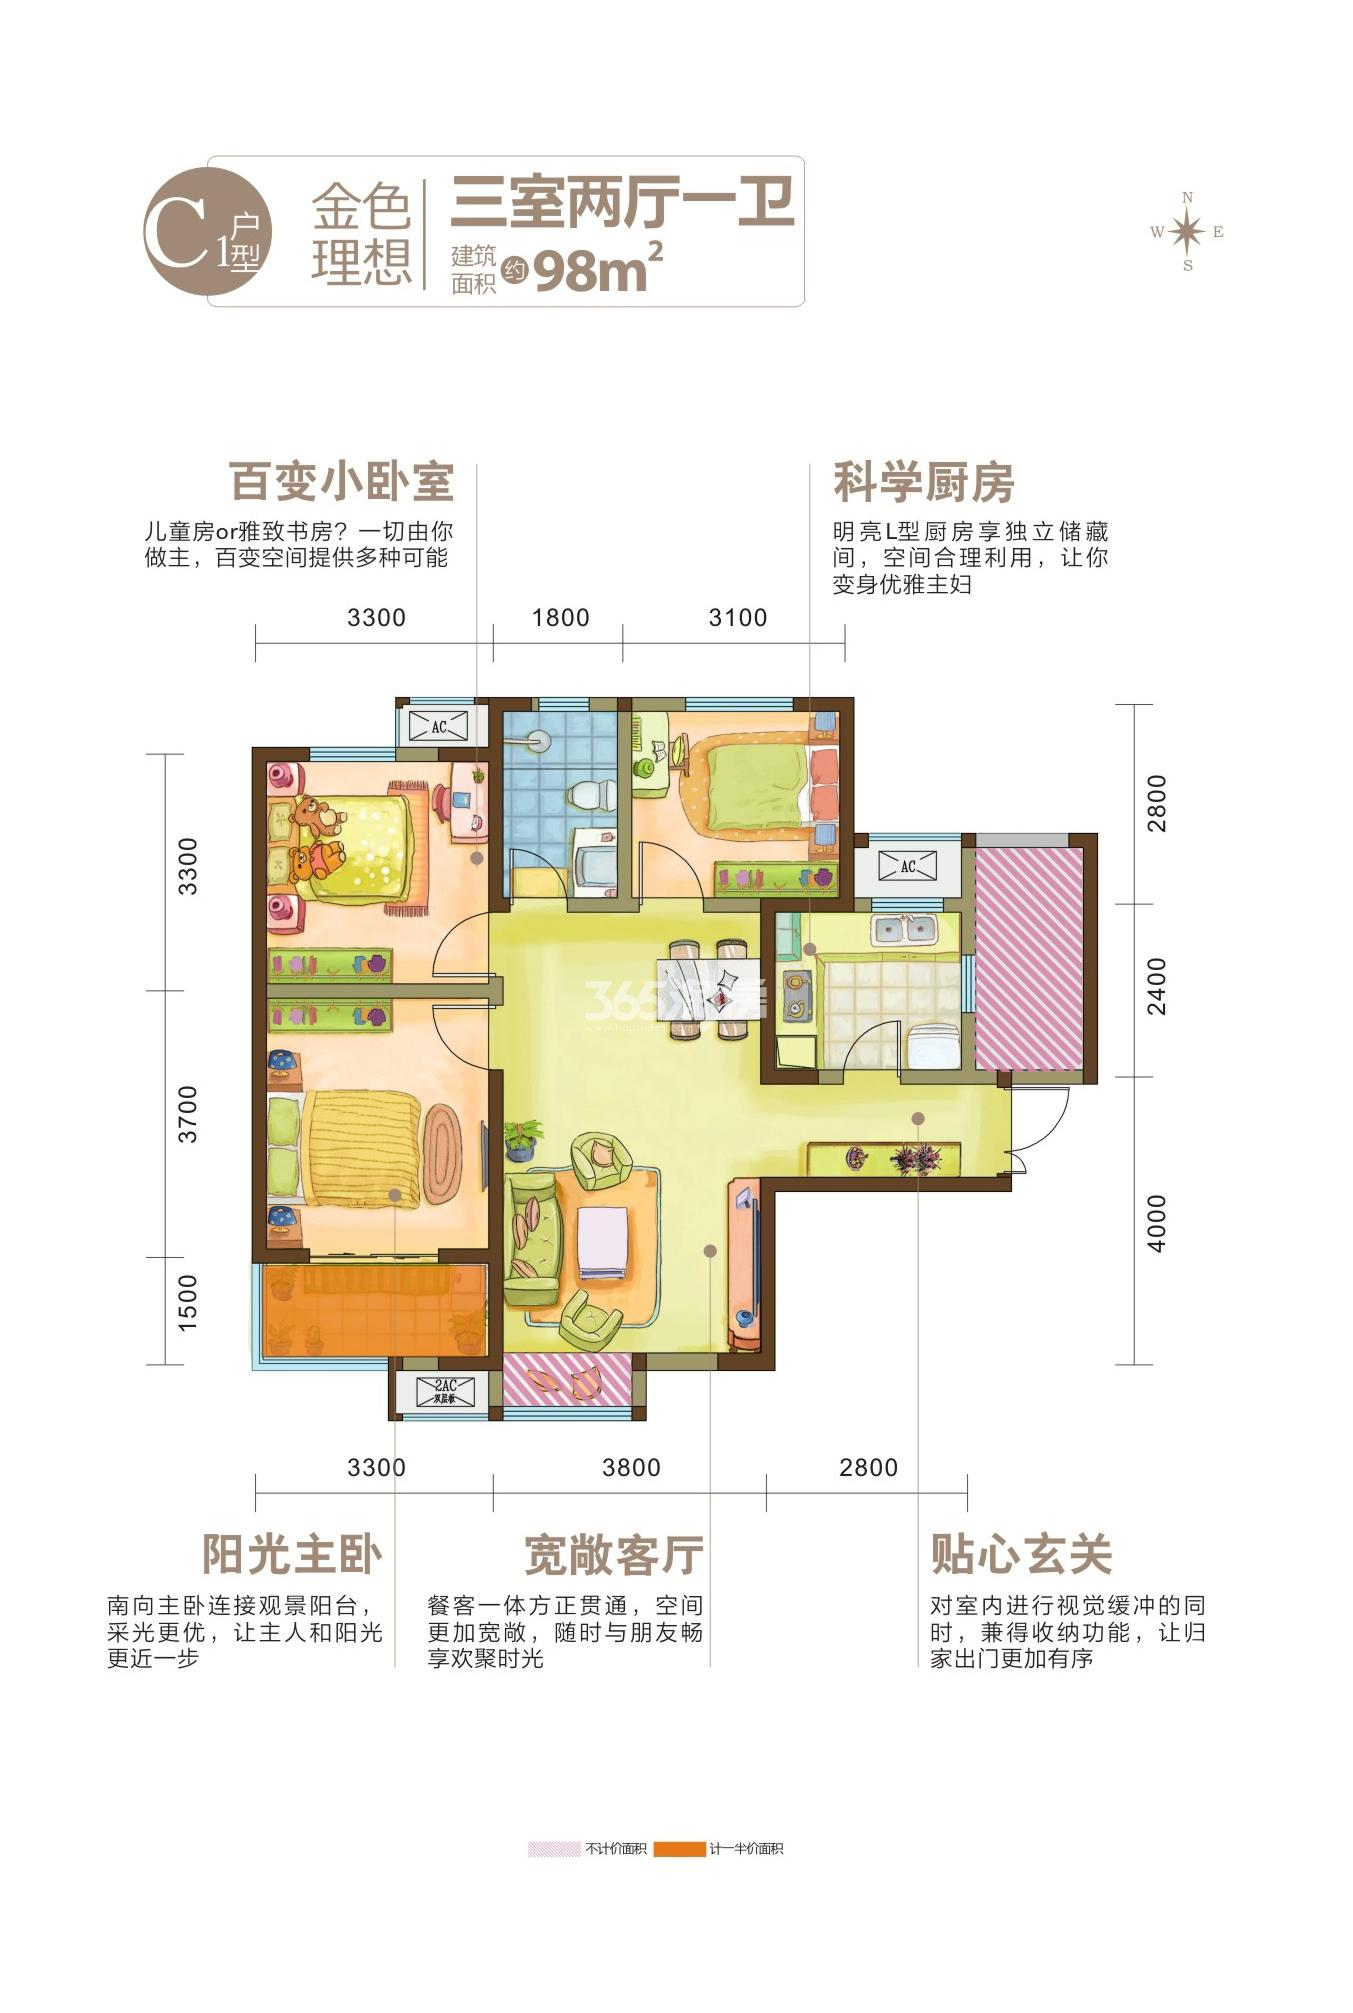 御锦城9期智慧树三室两厅一卫98㎡